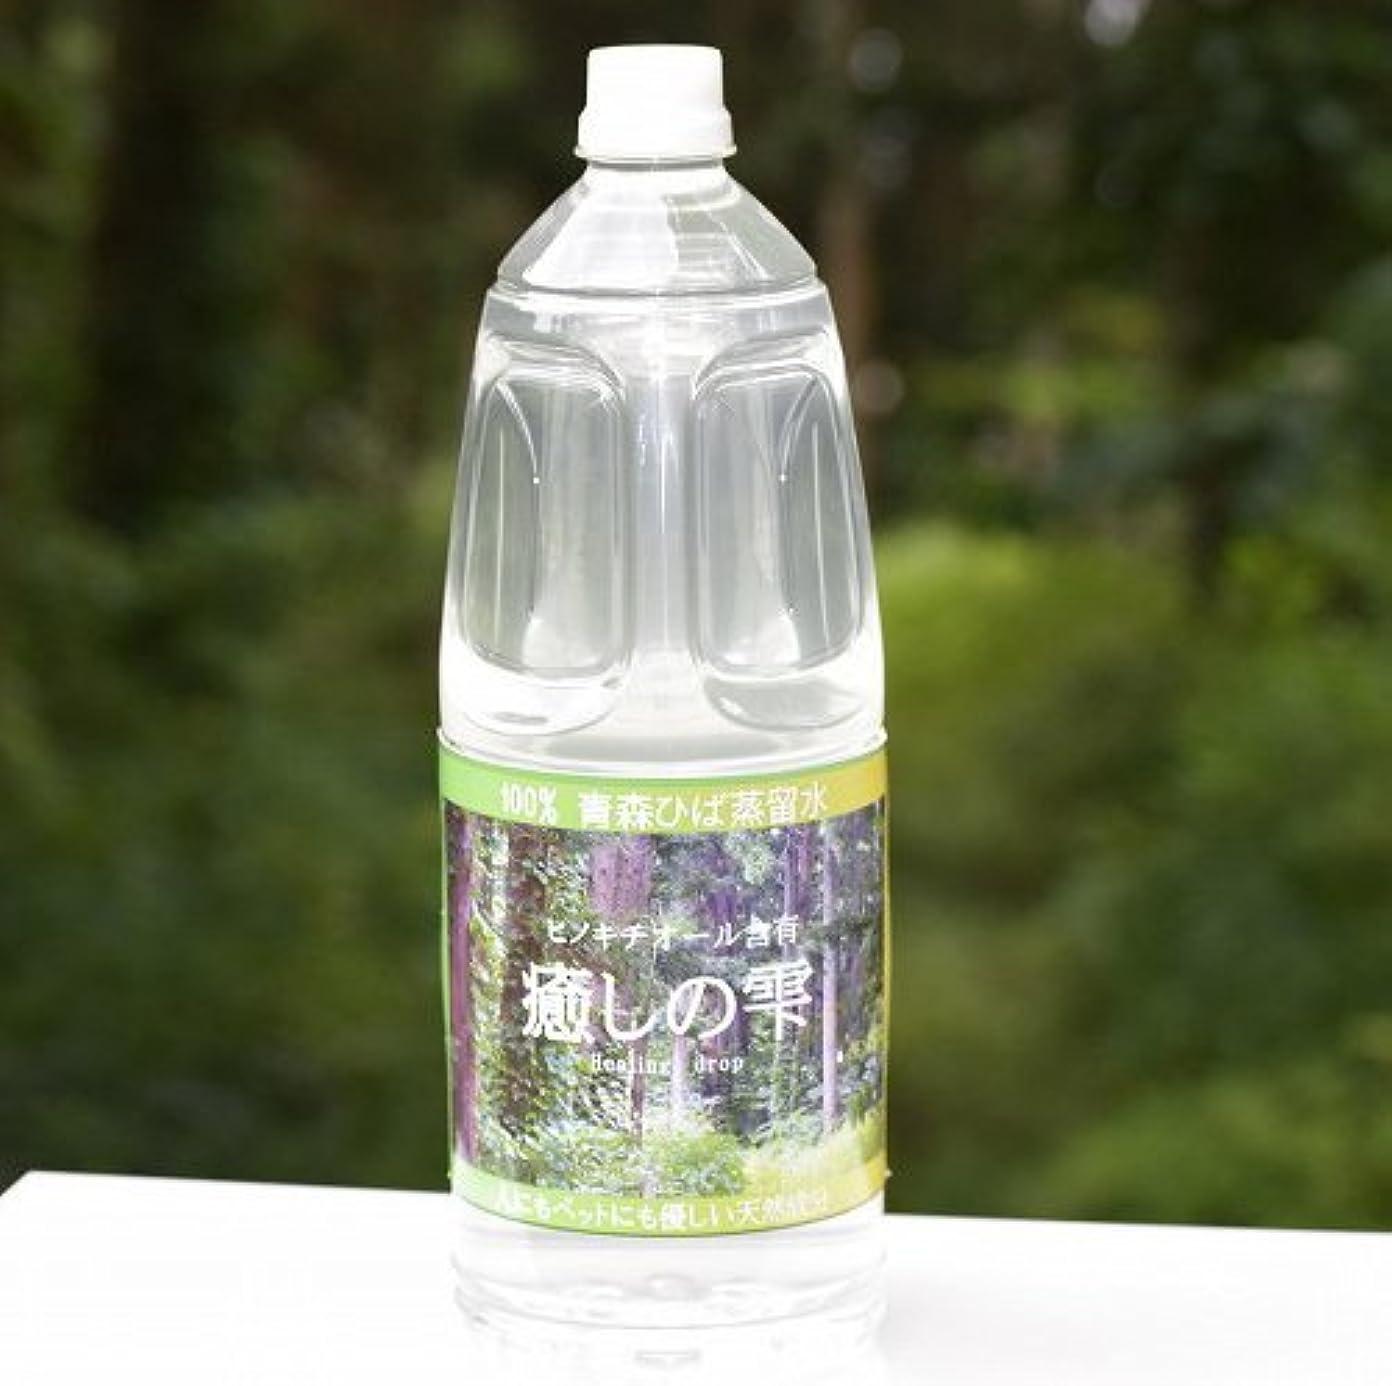 華氏近々ゴネリル青森ひば 天然ヒバ水 癒しの雫 蒸留水 送料無料 1.8L×10本